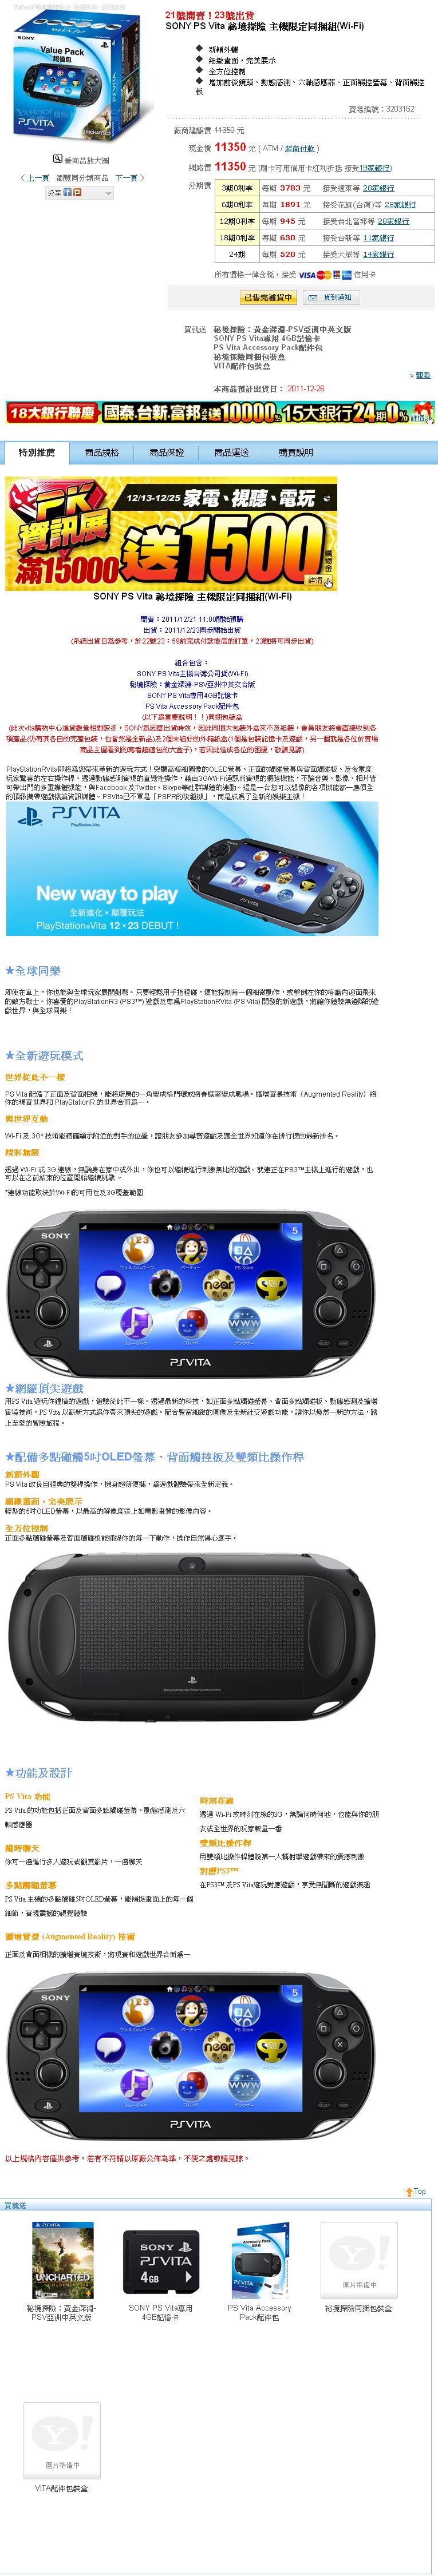 SONY PS Vita 祕境探險 主機限定同捆組.jpg